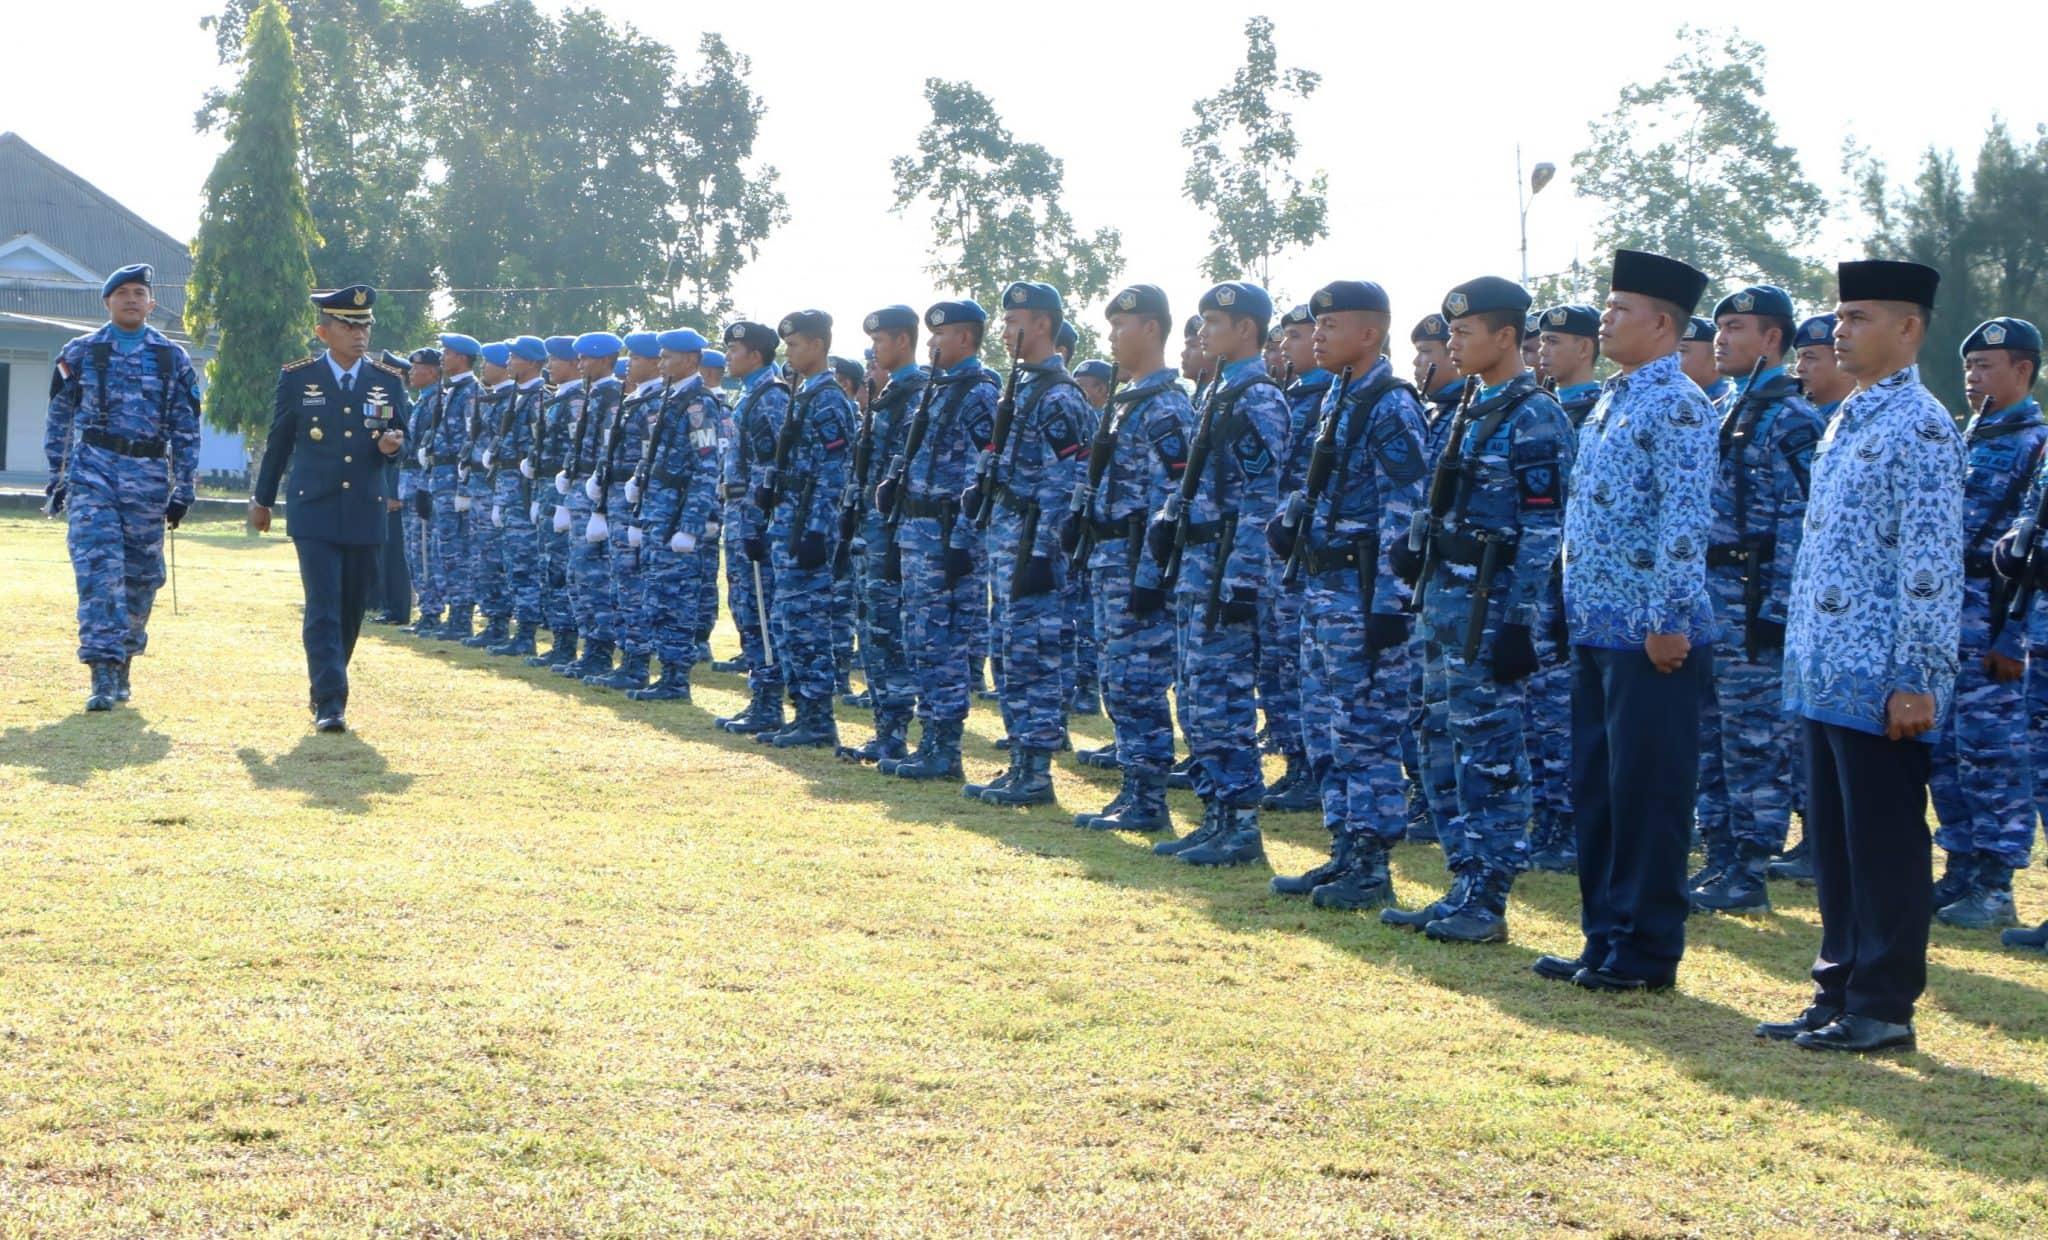 SECARA SEDERHANA, PERINGATAN HUT TNI AU KE-73 DI LANUD SIM